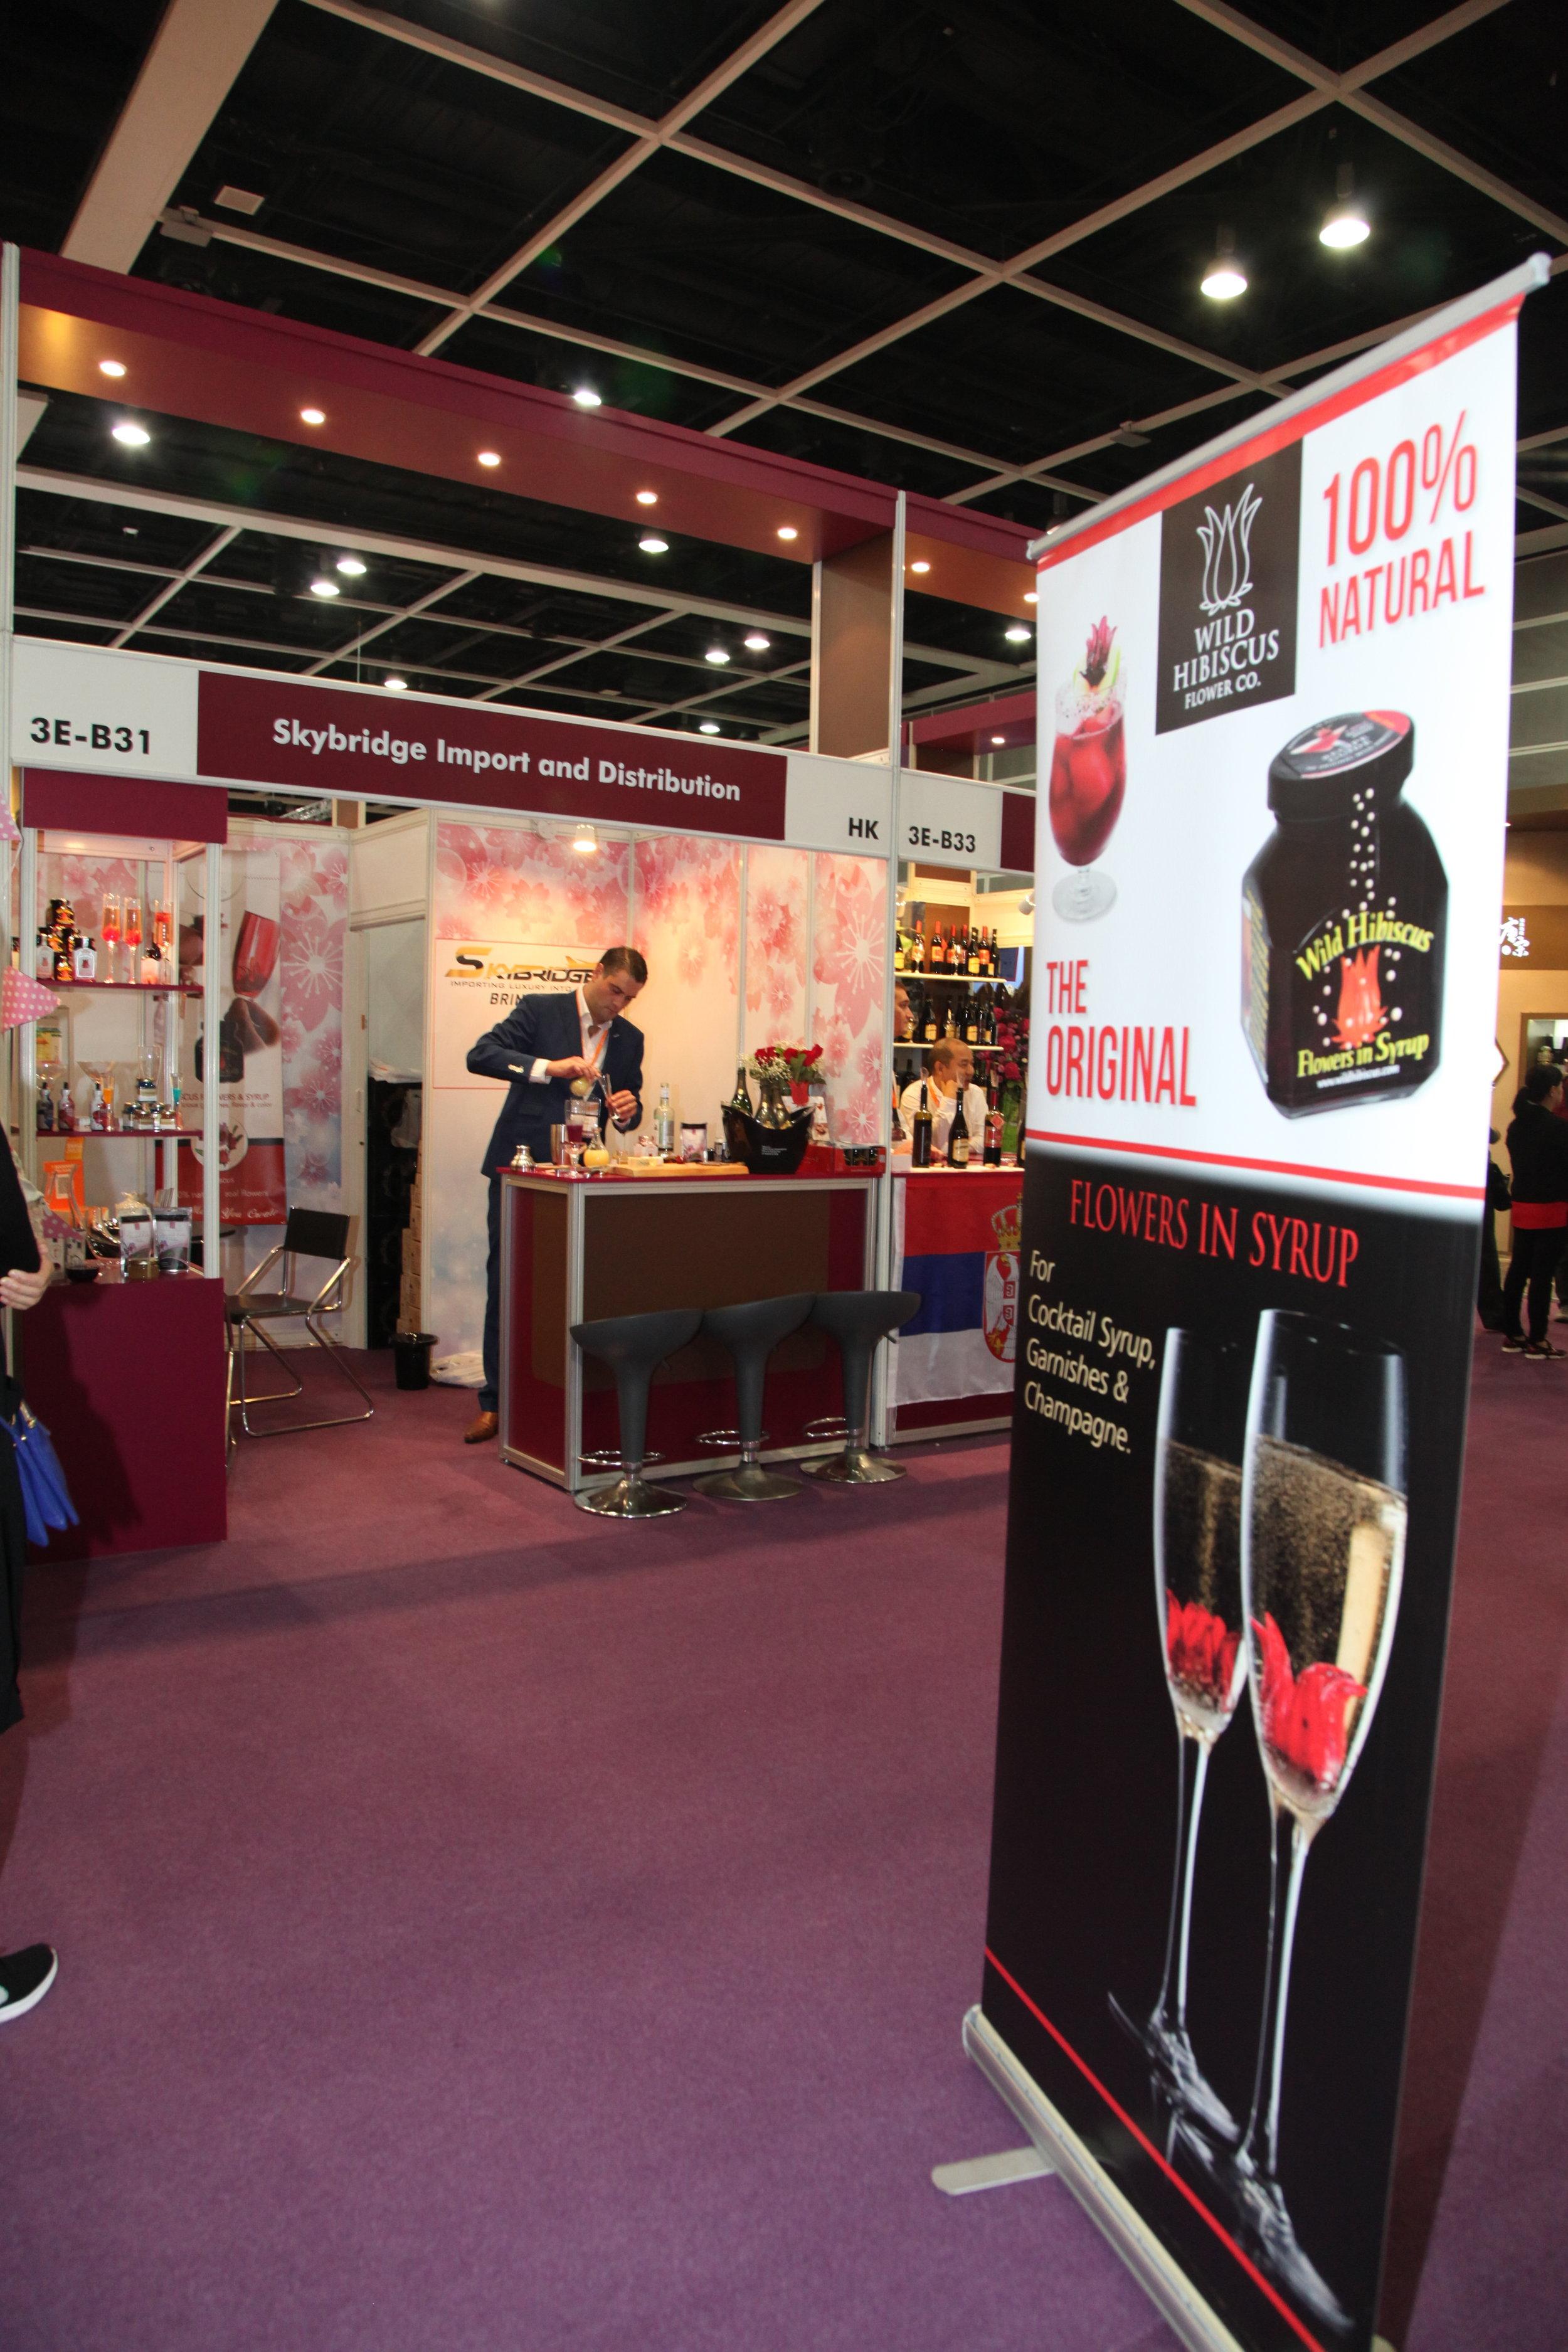 2017 Hong Kong International Wine & Spirit Fair